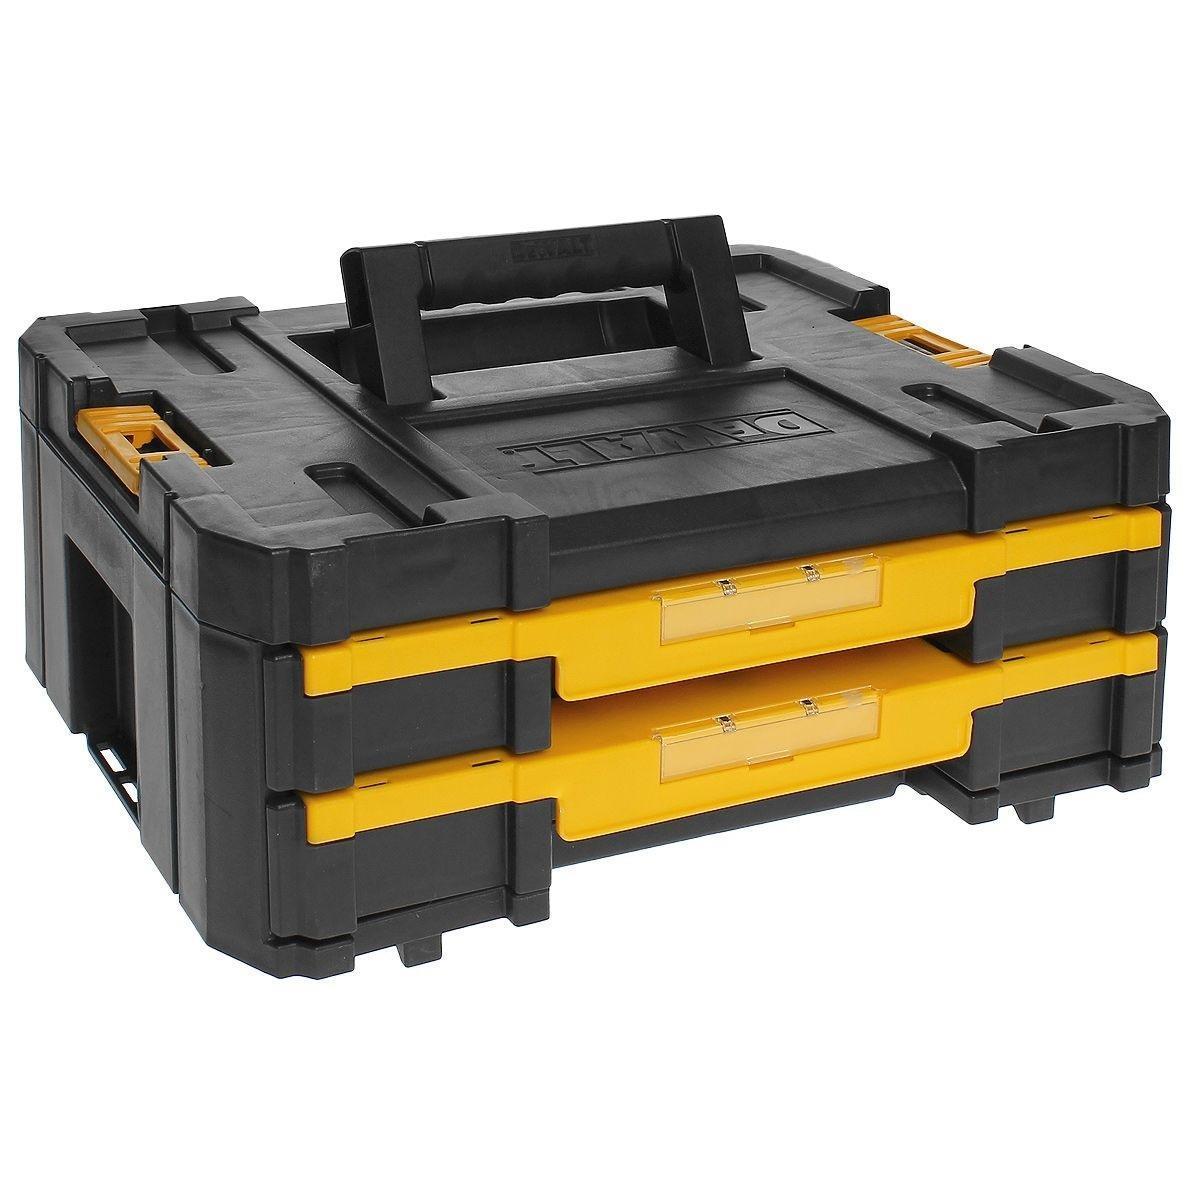 Ящик для инструмента DeWalt TSTAK IV, с двумя выдвижными секциями2706 (ПО)Для хранения принадлежностей, крепежа. Всегда все на своем месте.Передвижные разделители для оптимального формирования органайзера под сверла, биты, крепеж и др.Двухкомпонентная ручка сверху каждого блока гарантирует легкий и удобный подъем и переноскуВозможность наращивания: все блоки могут быть установлены один сверху другого. Прочные боковые защелки для надежной фиксации.Инновационный дизайн: прочный и жесткийГибкая платформа Mix&Match, которая позволяет создавать различные комбинации из ящиков.